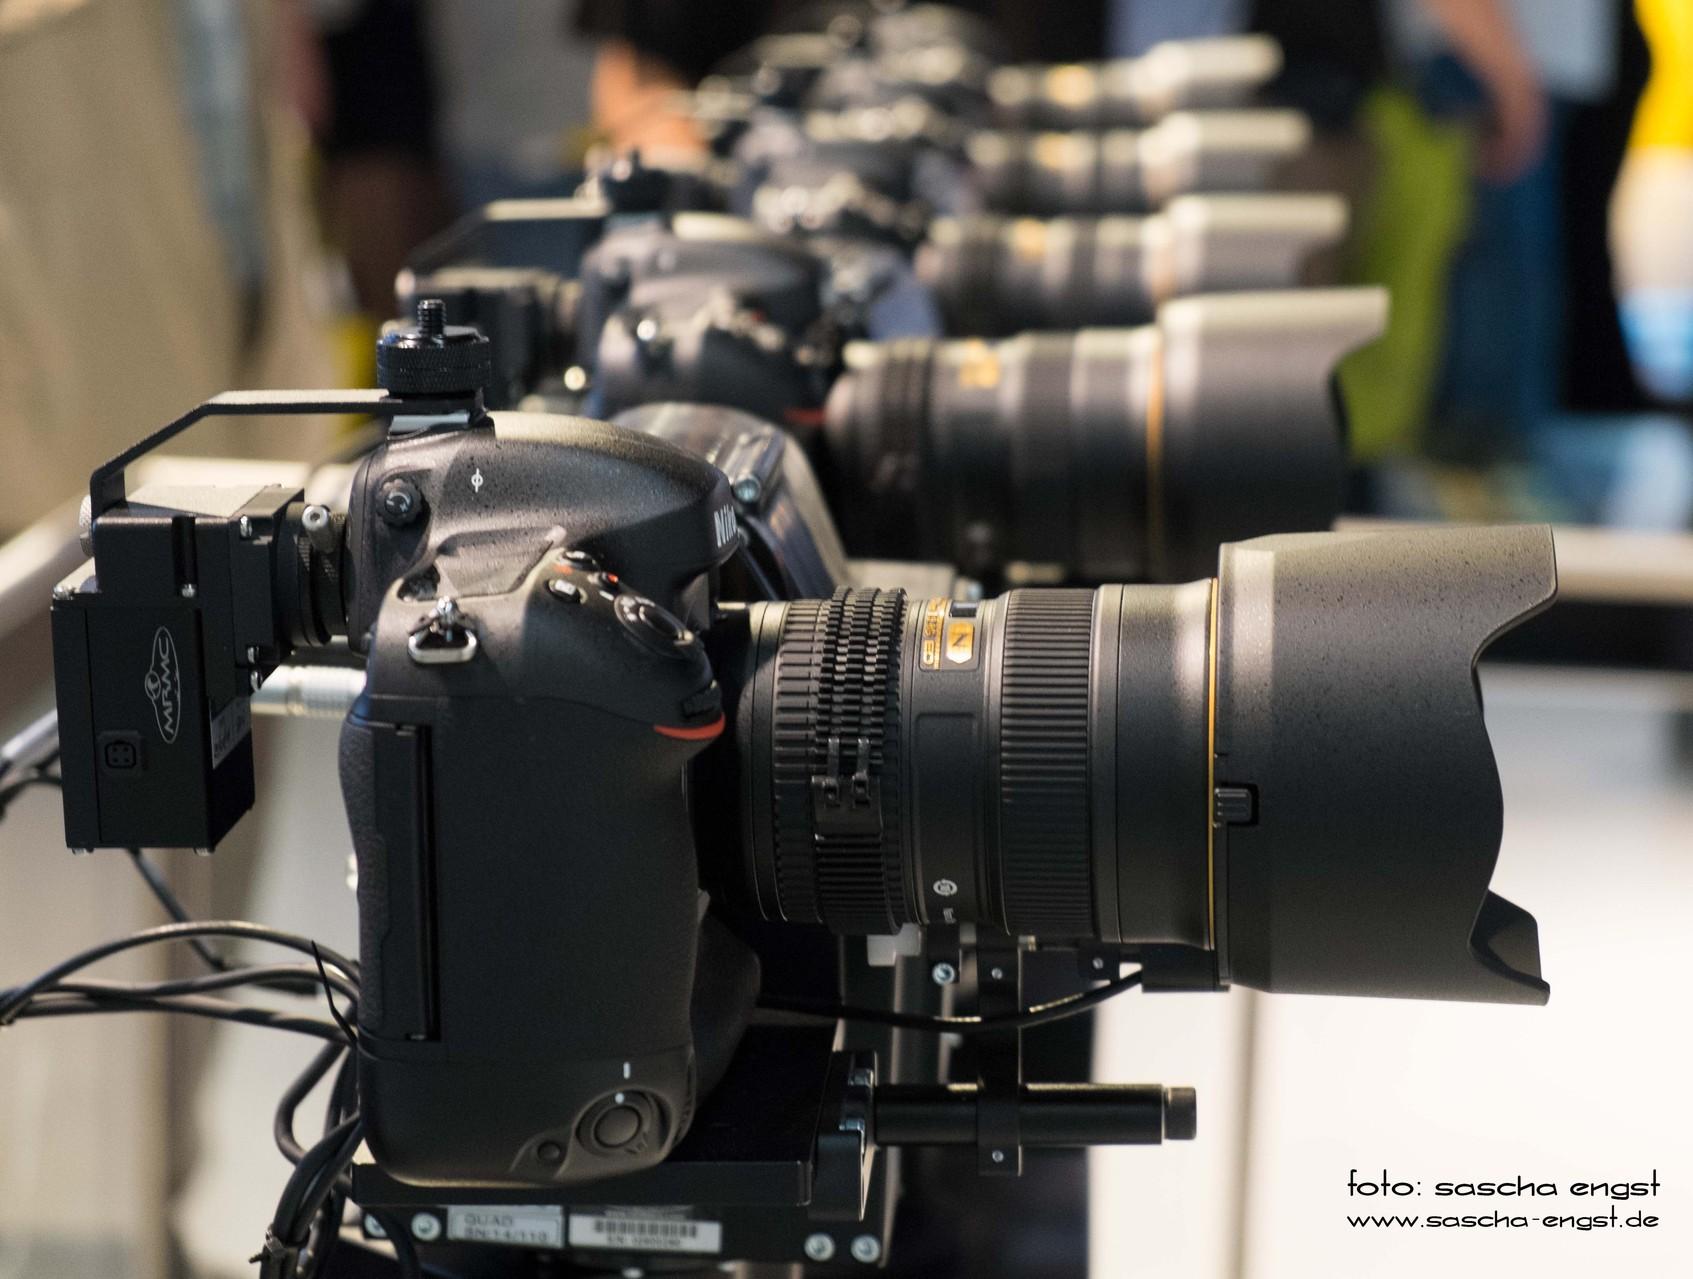 Roboter-gesteuerte Nikon D4S Kameras